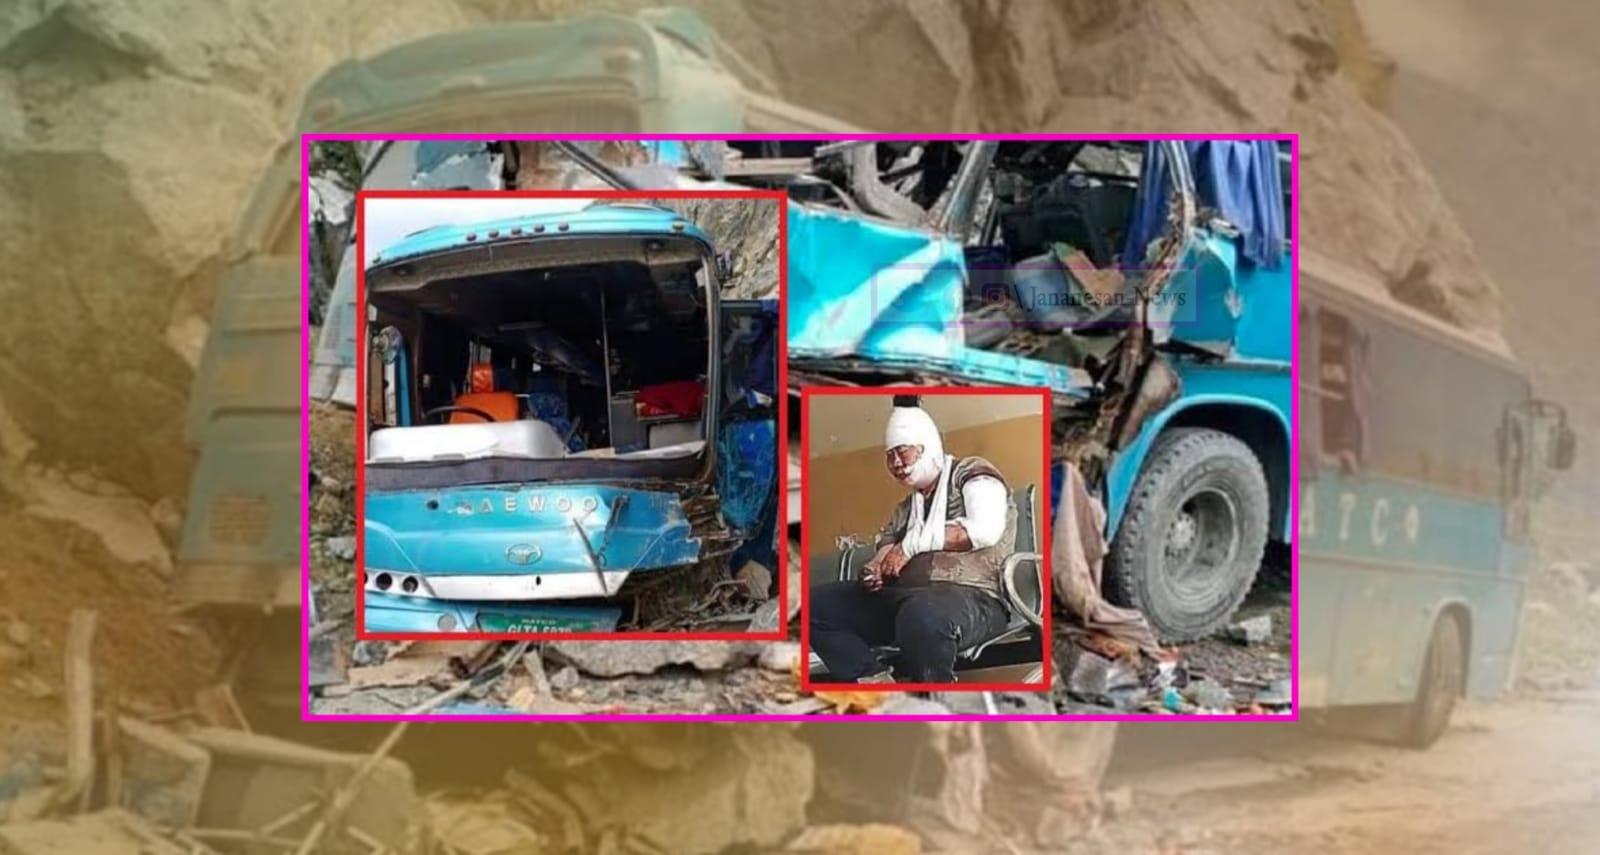 பாகிஸ்தானில் பேருந்தில் குண்டு வெடிப்பு : சீன பொறியாளர்கள் உட்பட 12 பேர் பலி..!